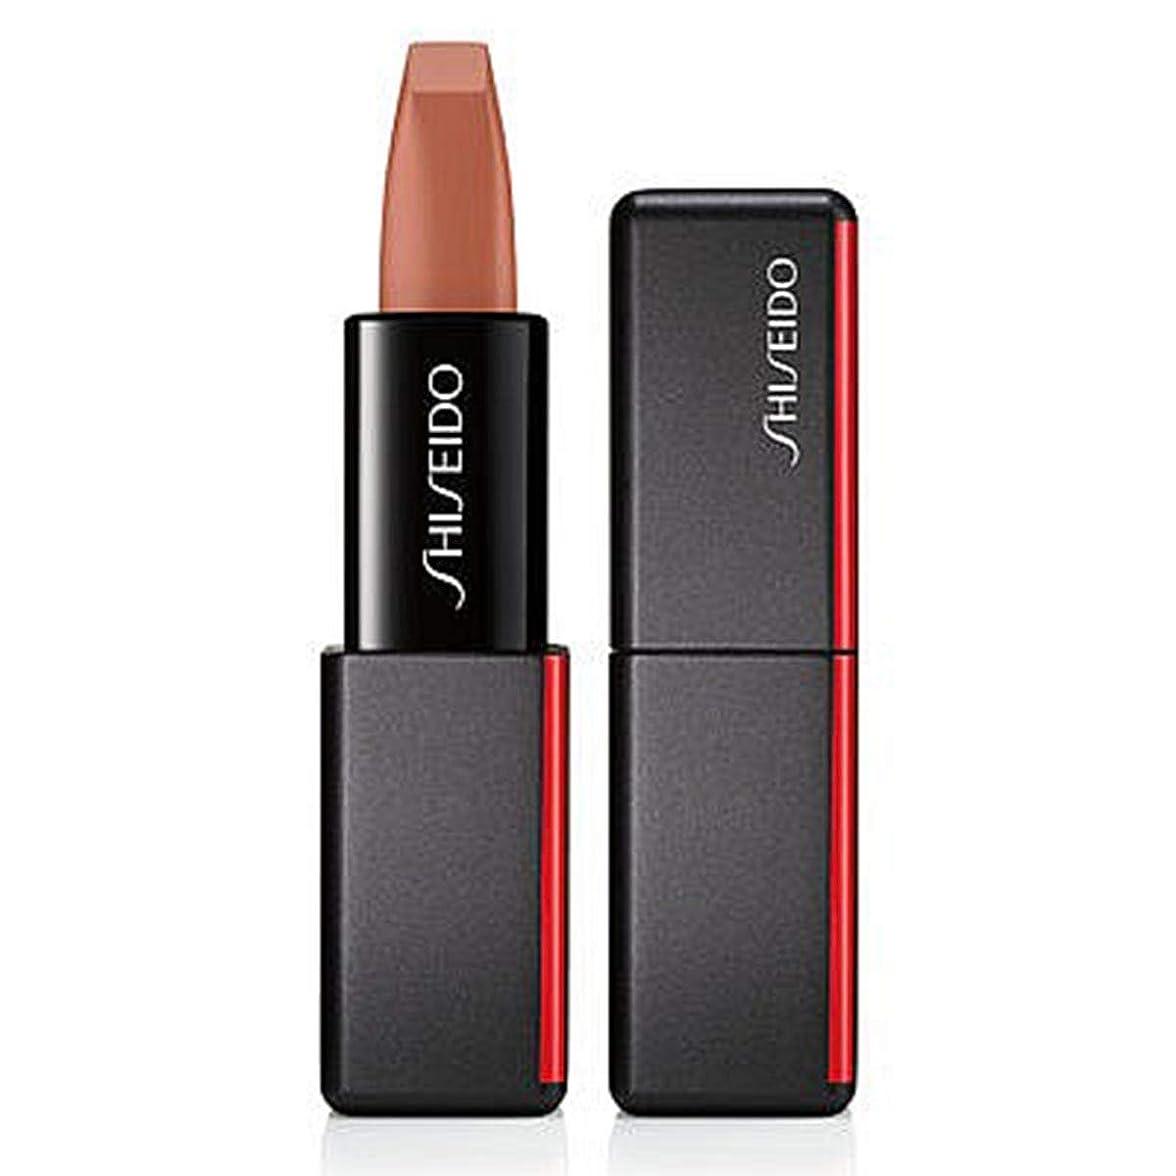 寛大さ磁気清める資生堂 ModernMatte Powder Lipstick - # 504 Thigh High (Nude Beige) 4g/0.14oz並行輸入品